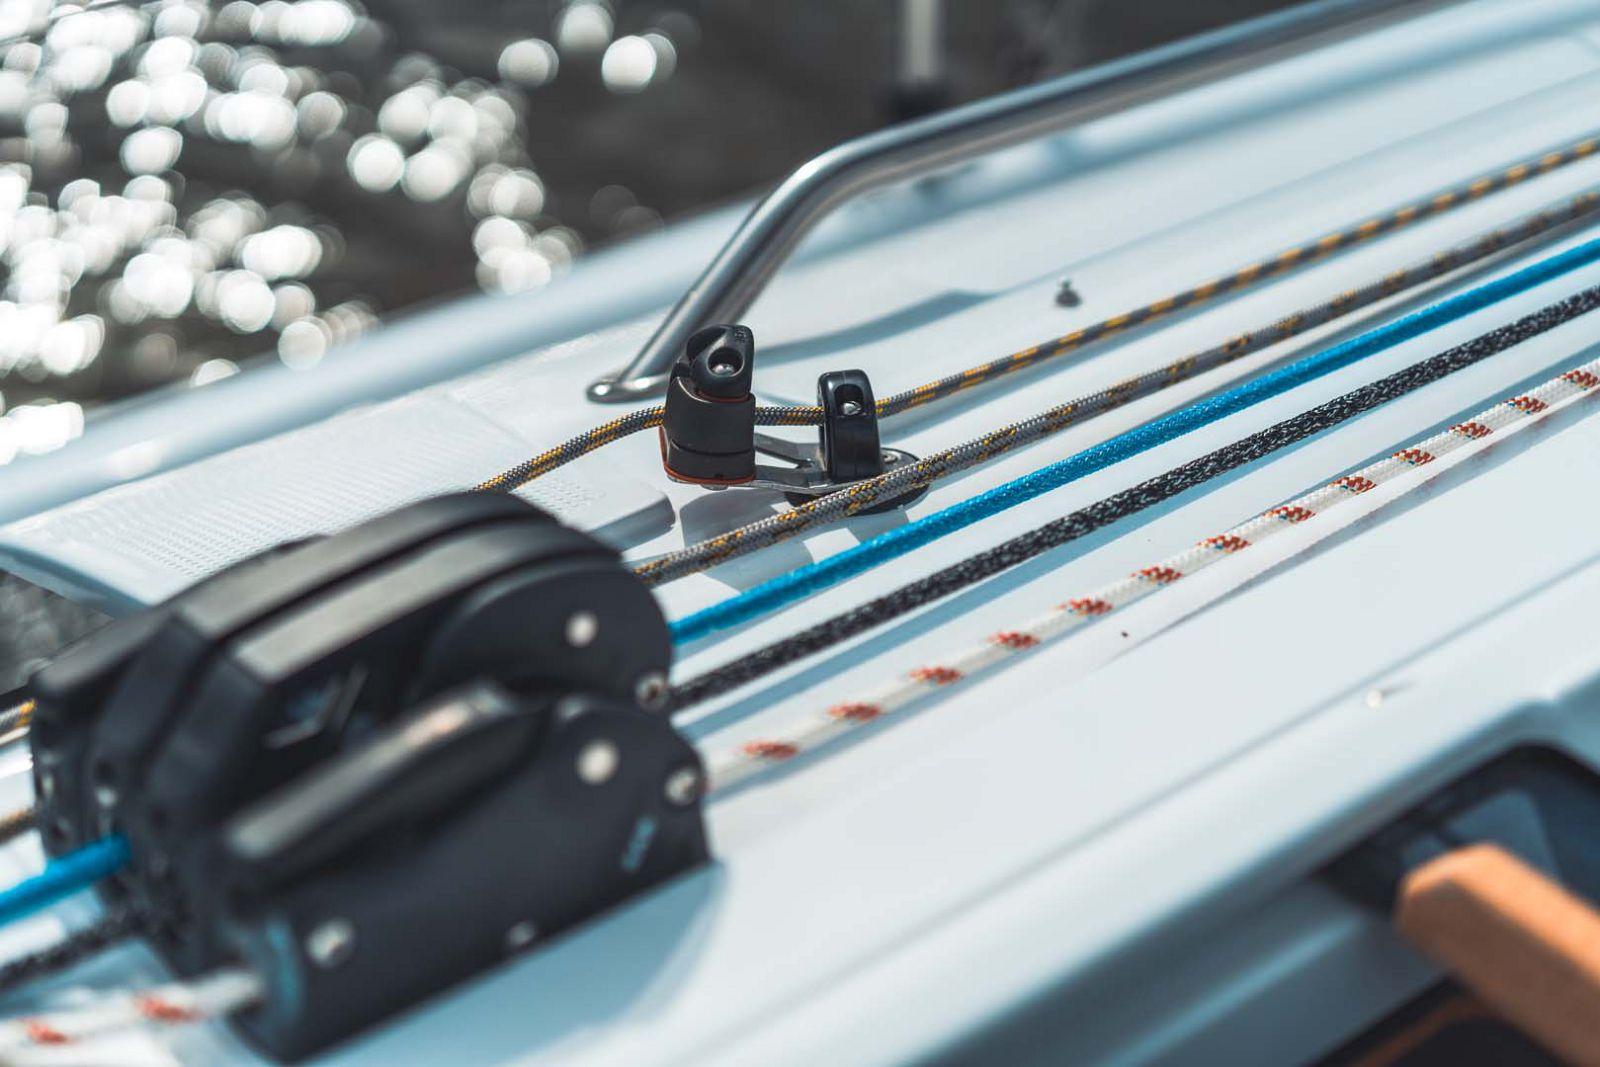 Elan-Yachts-E3-Sailboat-Ropes